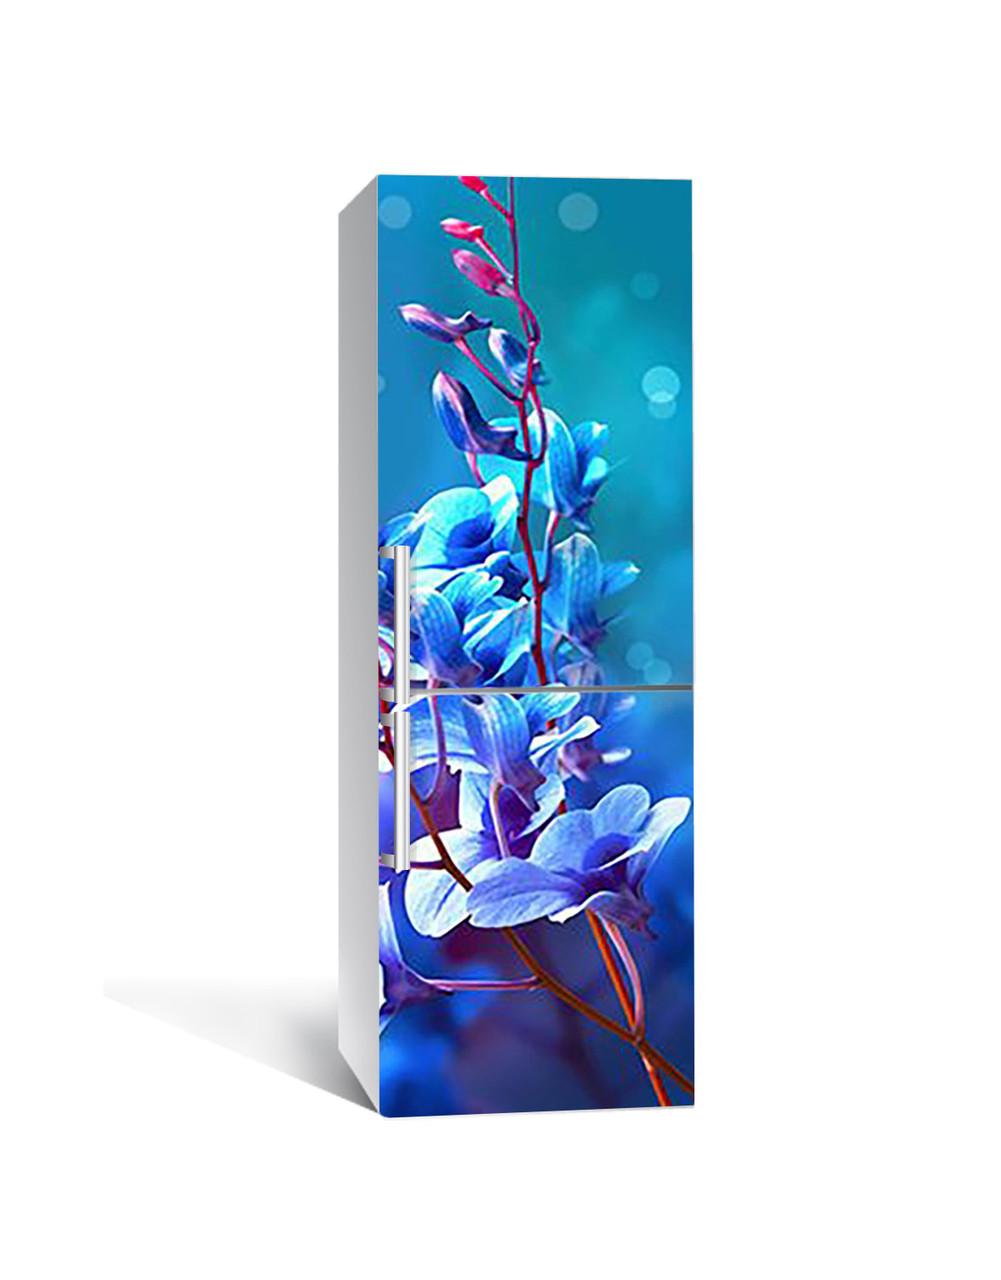 Виниловая 3Д наклейка на холодильник Синие блики (ПВХ пленка самоклеющаяся) орхидеи Цветы 650*2000 мм